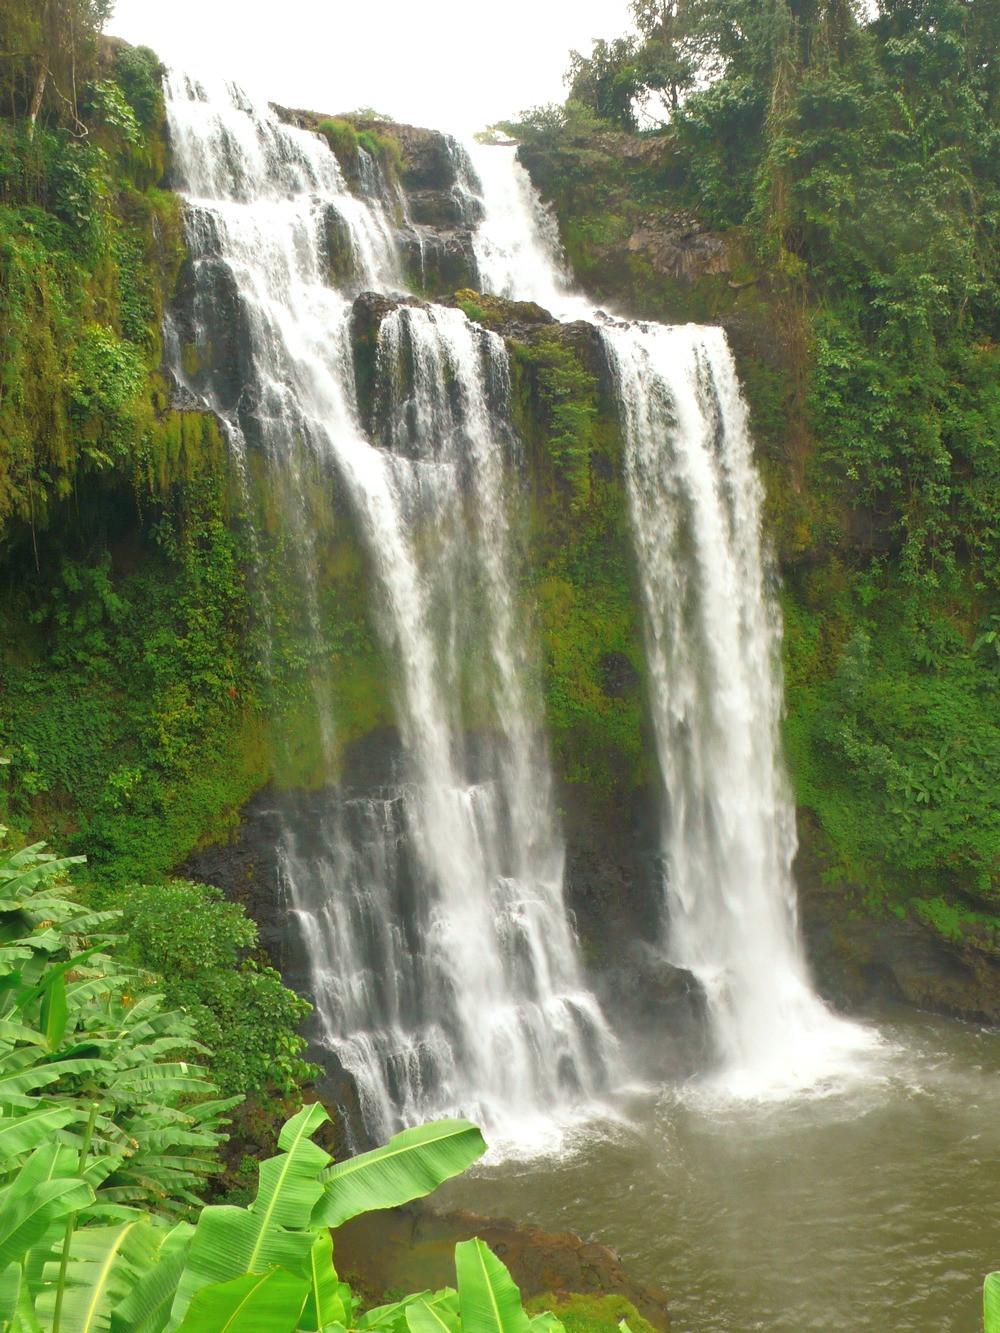 Tad Lo Cascades